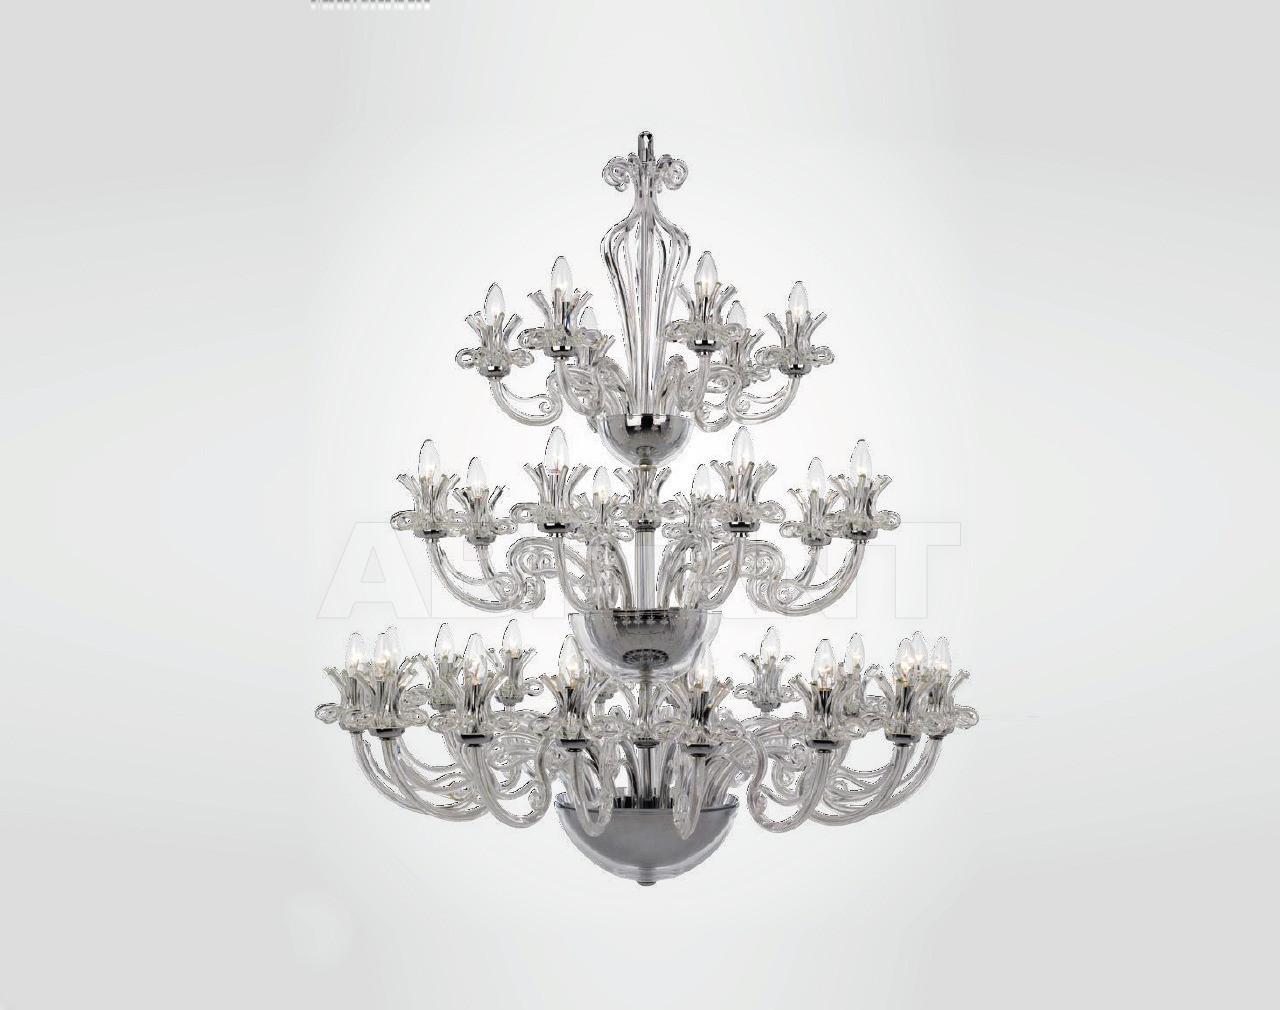 Купить Люстра MARGARITA Iris Cristal Luxus 650129 30